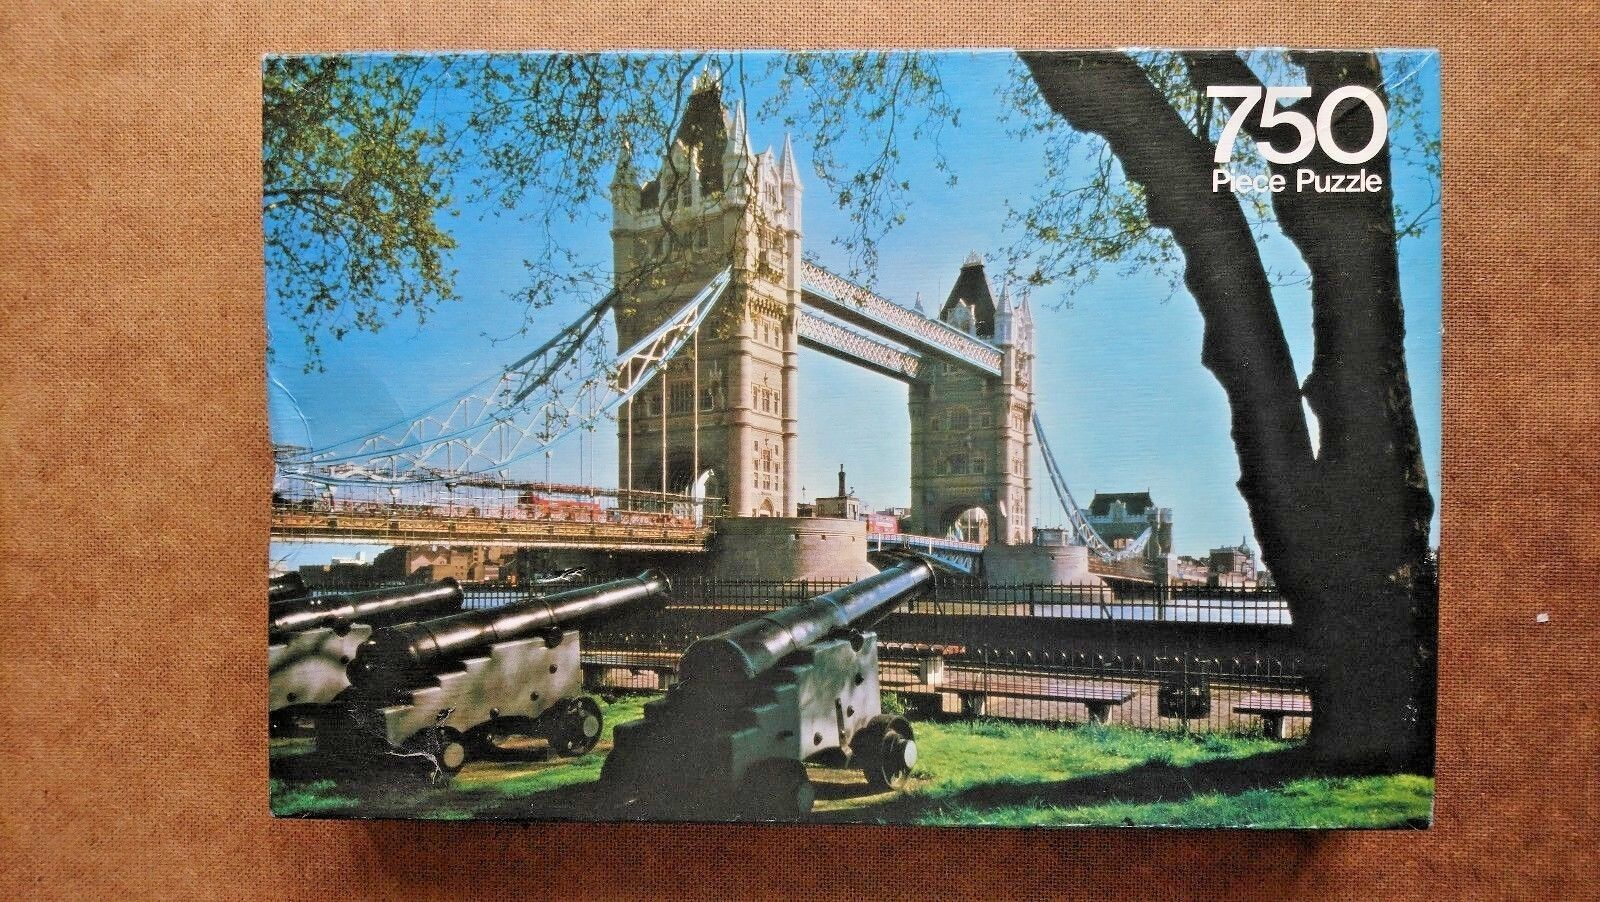 Tower Bridge London 750 Piece Jigsaw Puzzle by Arrow